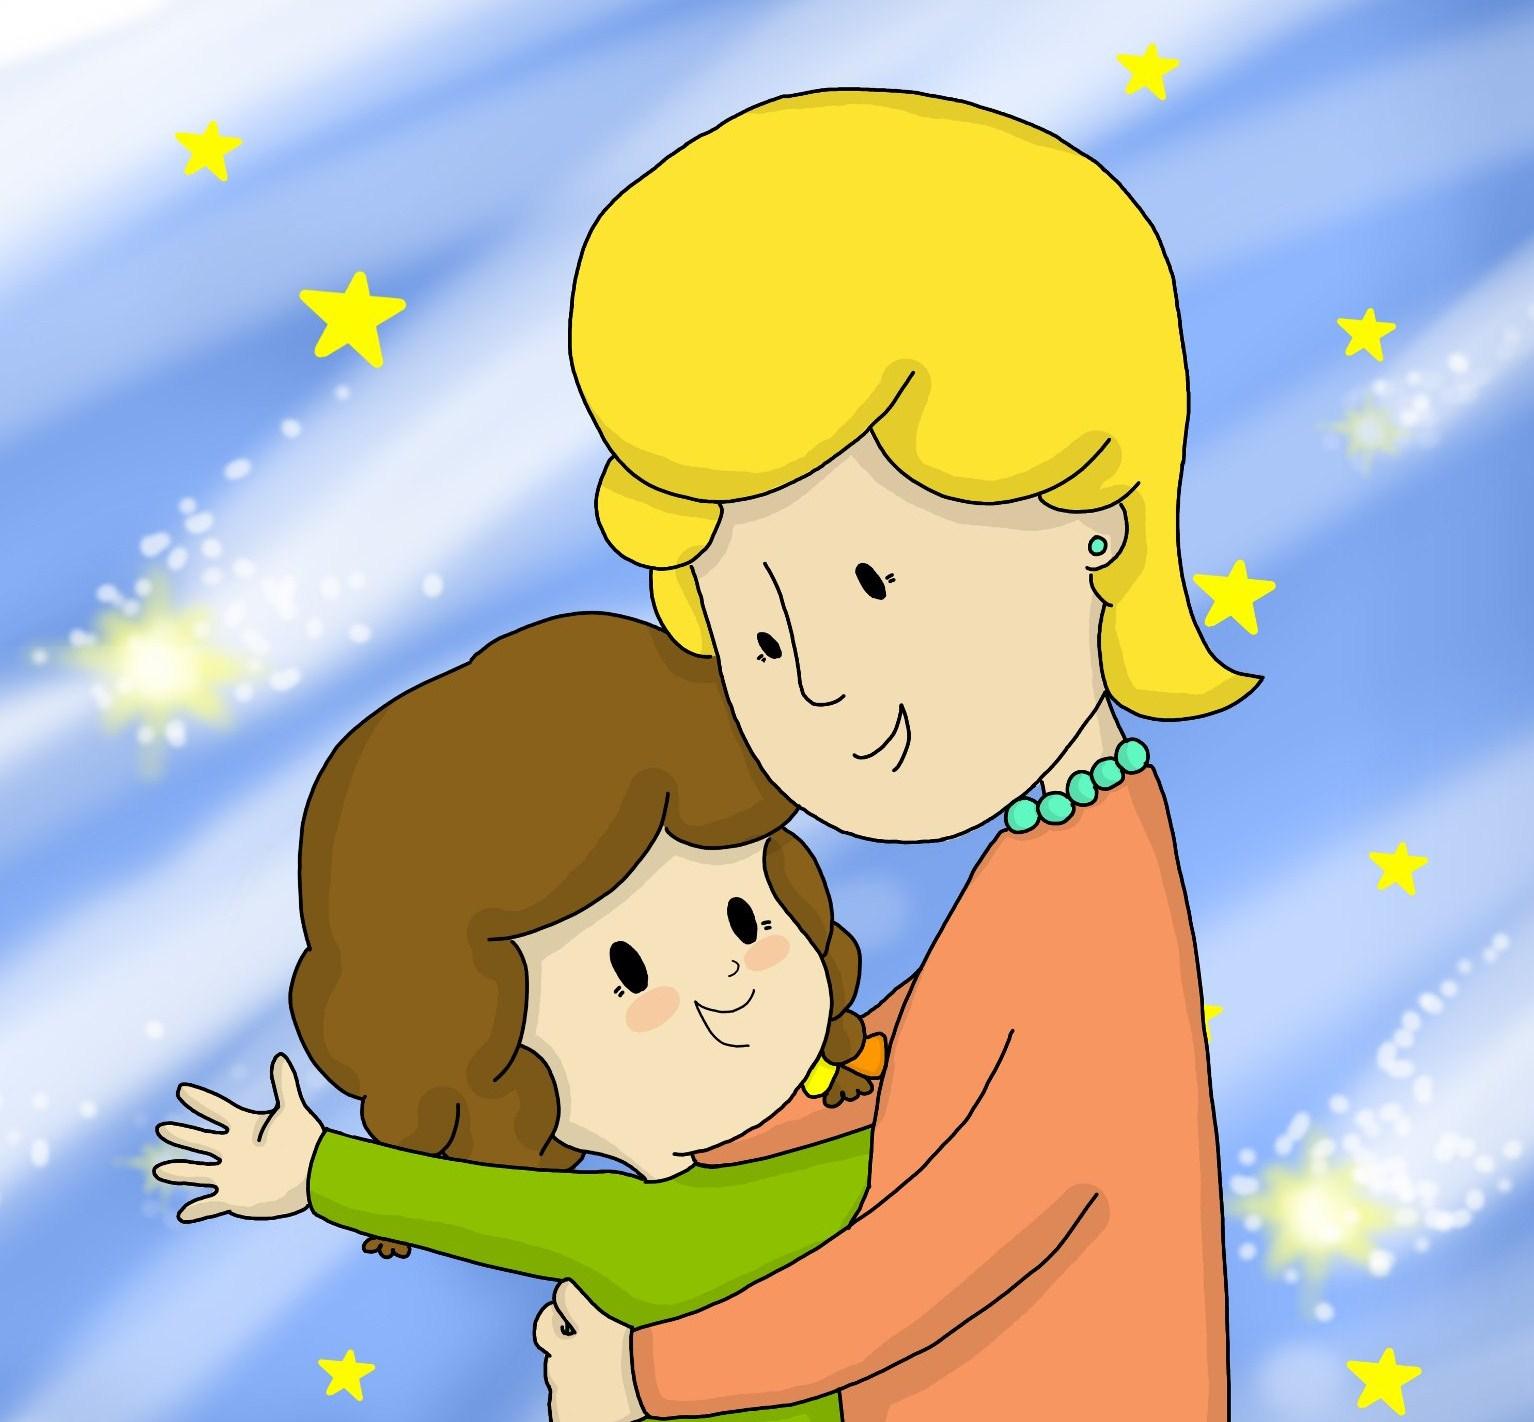 L'amore del bambino per mamma e papà in due libri